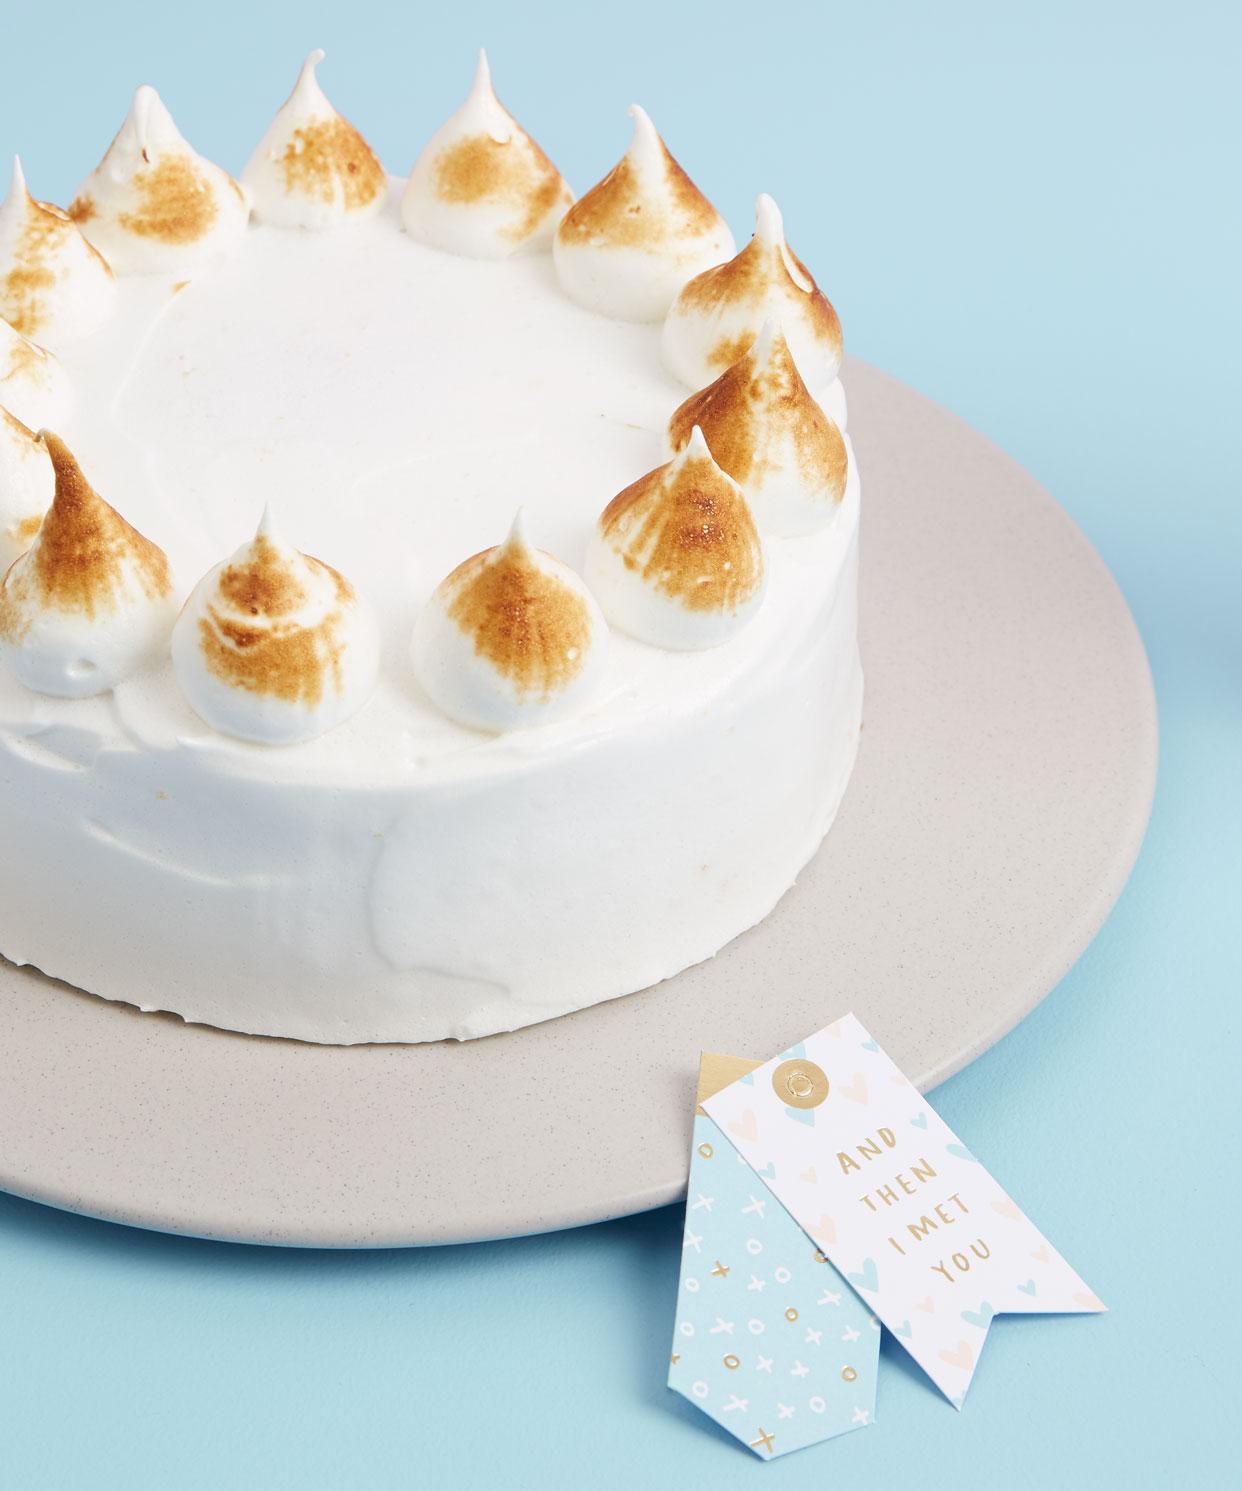 Enjoy this coconut meringue cake recipe